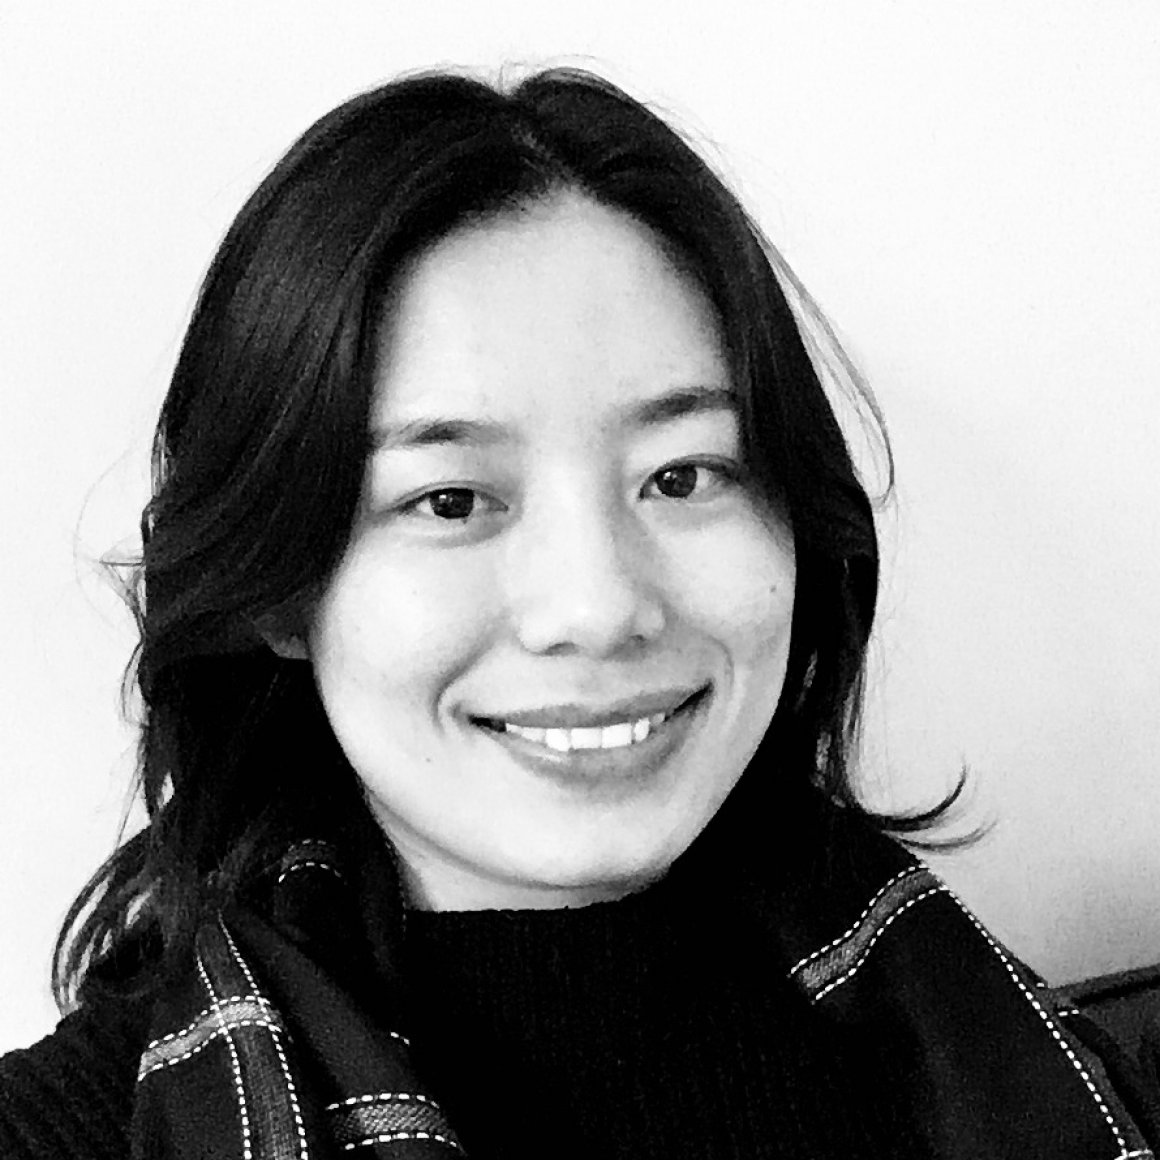 Liyun_headshot